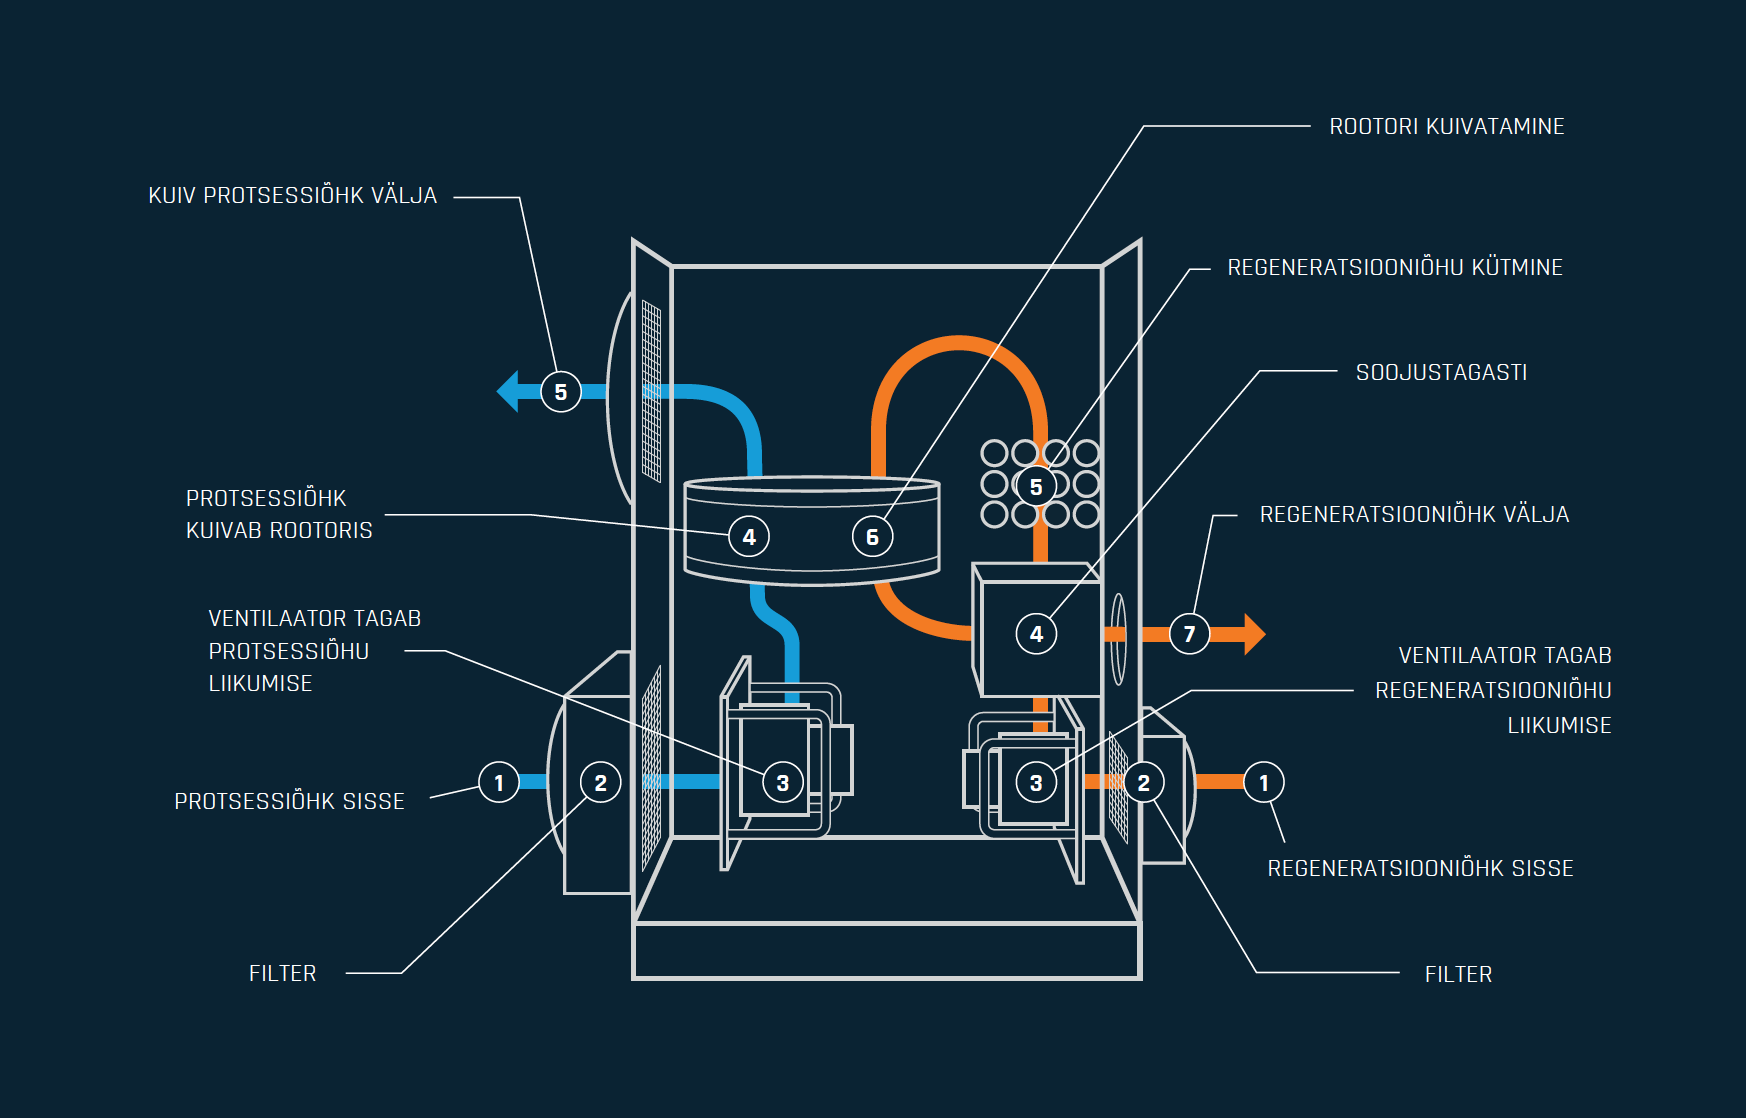 Cotes C65 õhukuivati niiskusekoguja tööpõhimõte